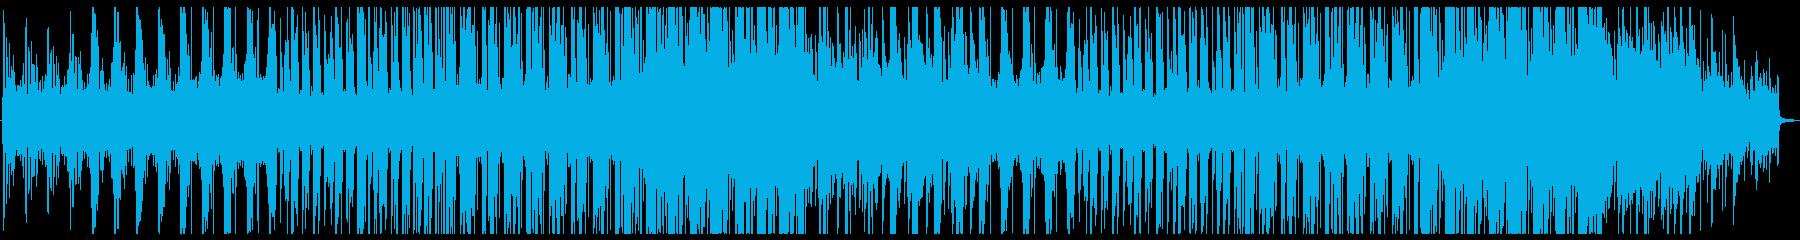 ディスコ ダンス 淡々 テクノロジ...の再生済みの波形